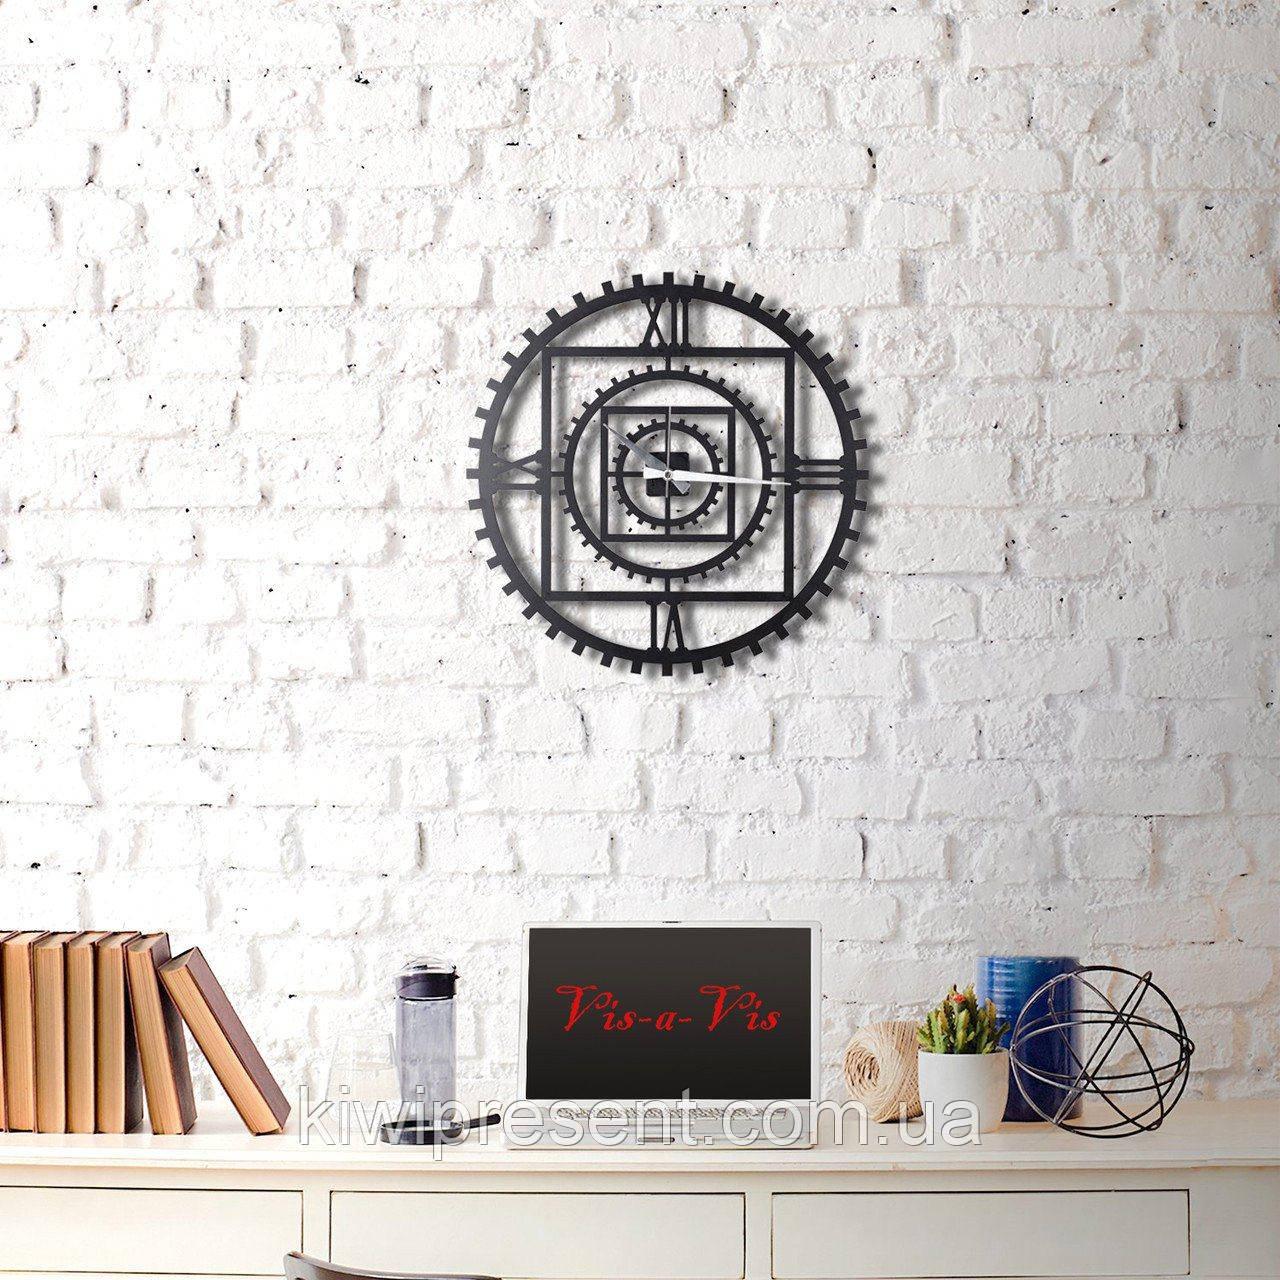 """Настенные часы большие """"Время и Металл"""" (60 см) в стиле Лофт."""